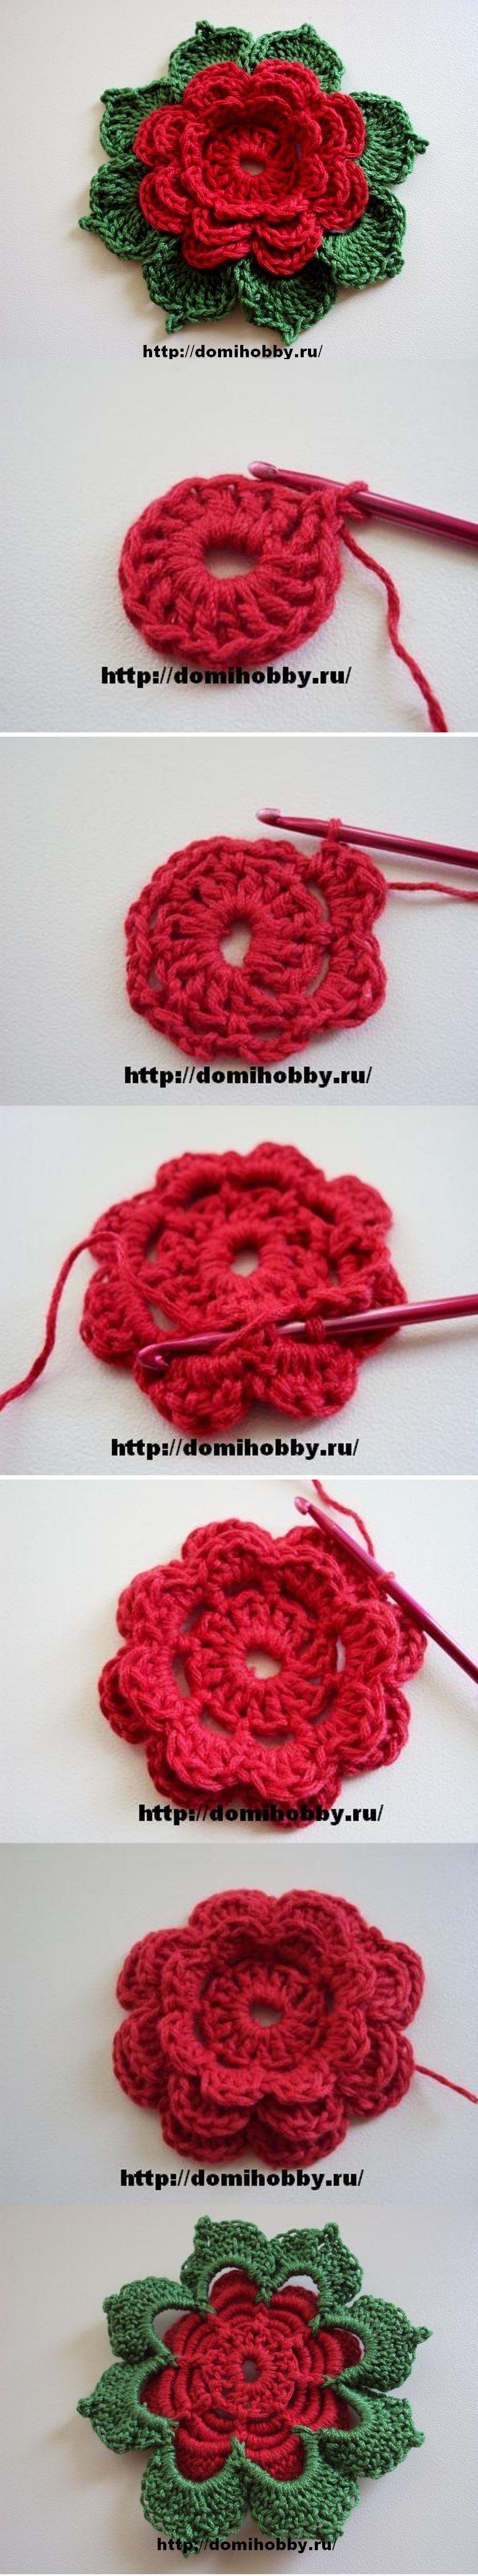 Paso a paso Flor en Crochet Ganchillo | Alicia croché fácil ...